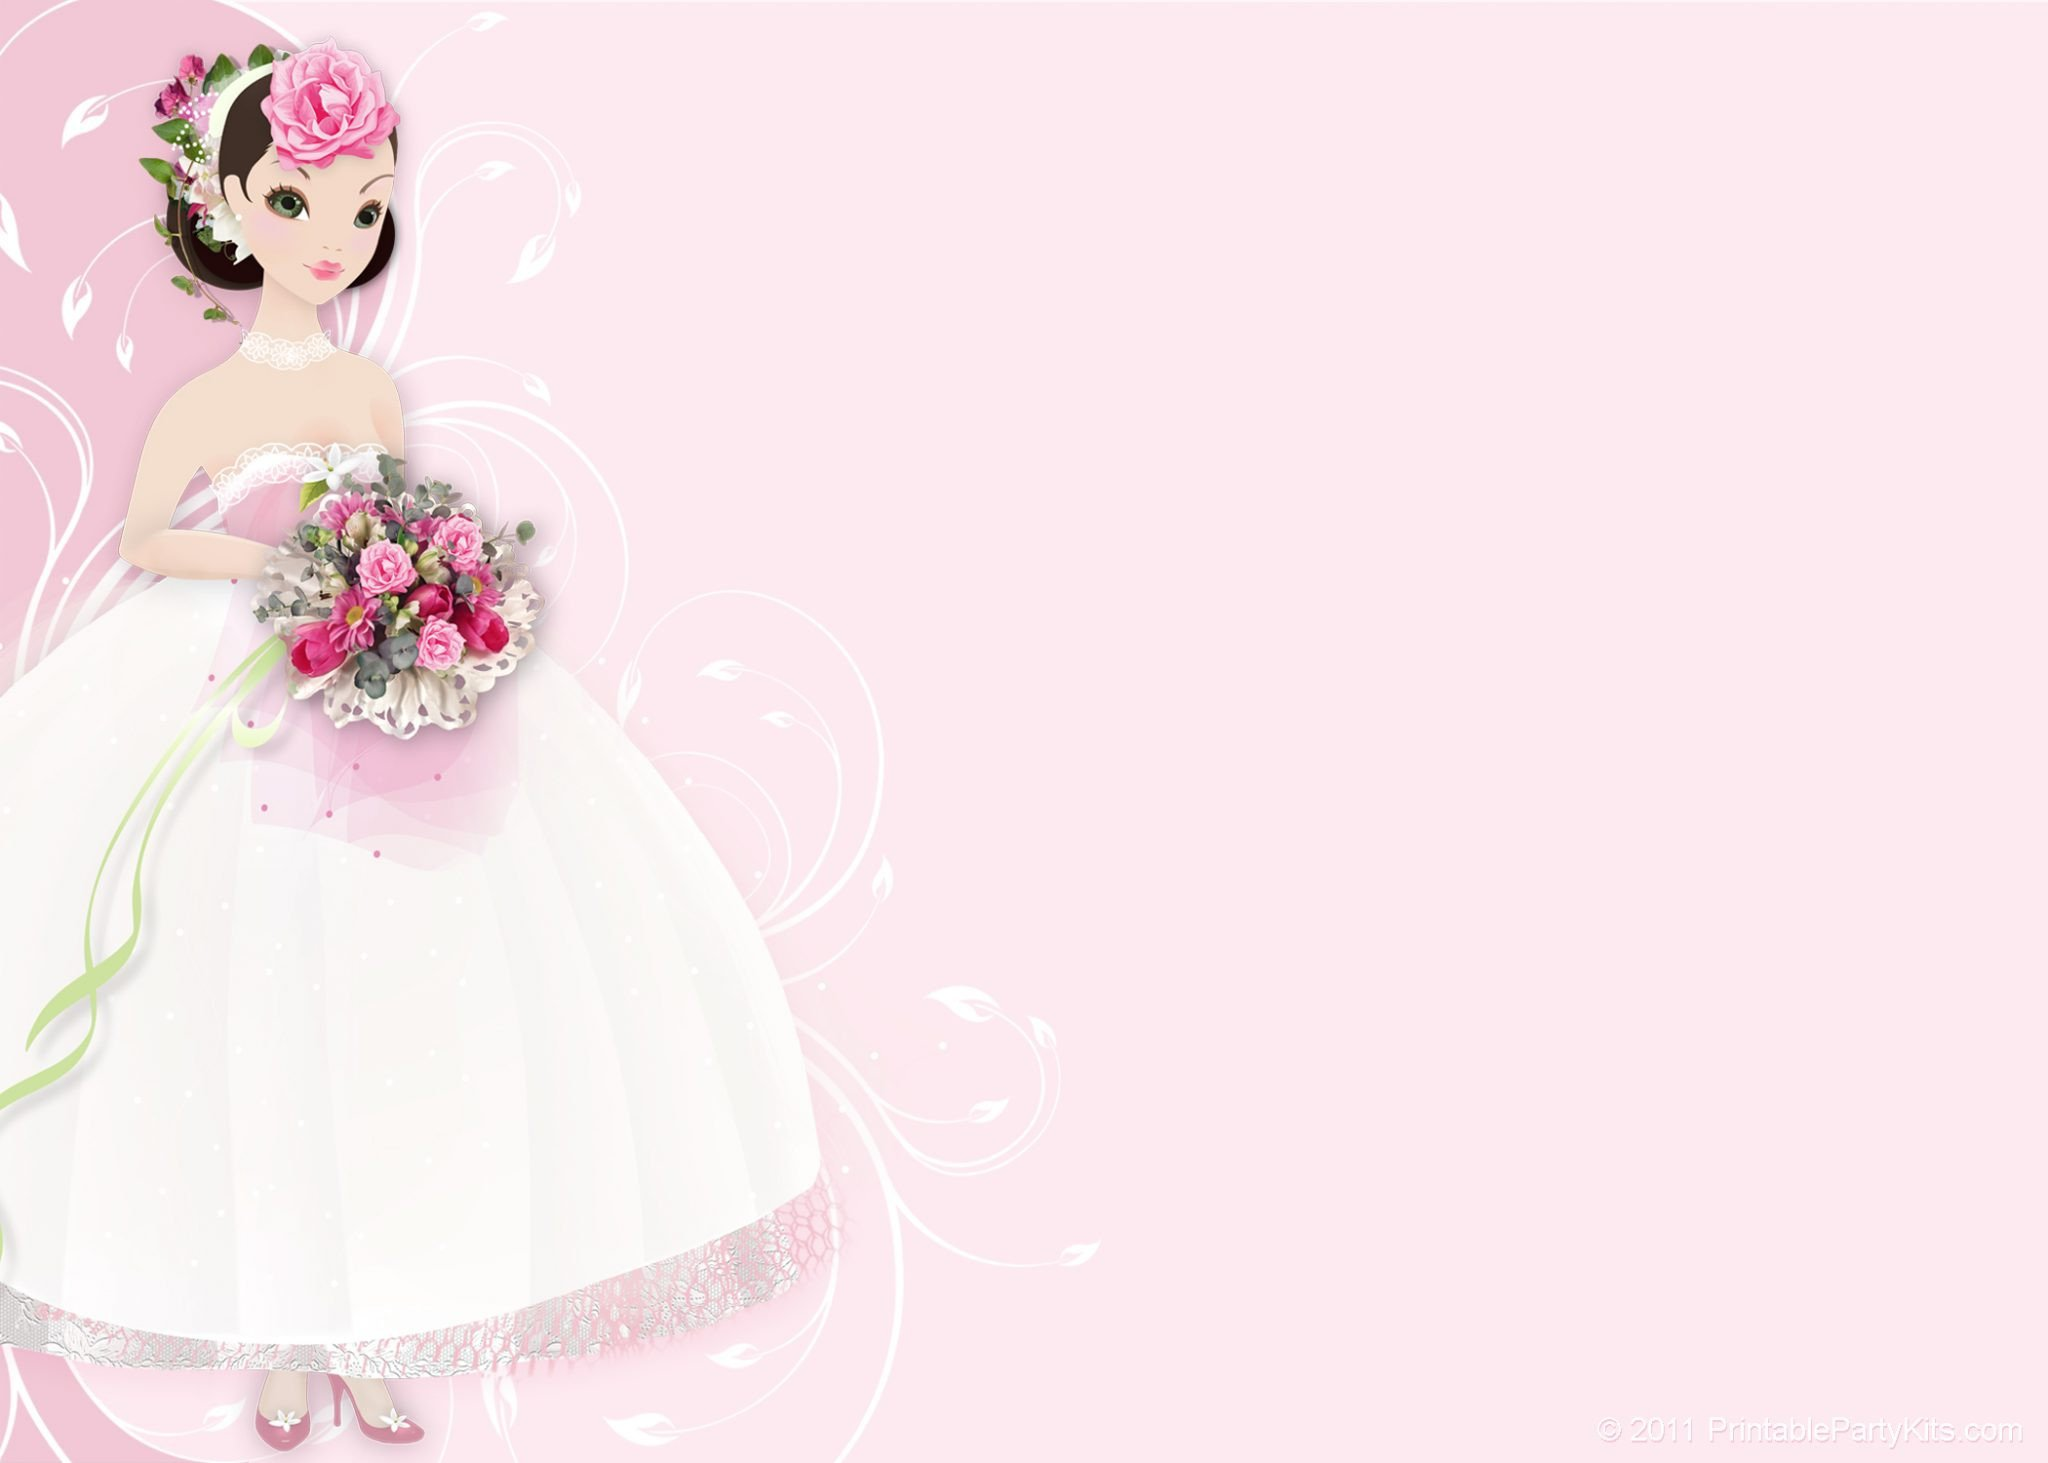 Free Quinceanera Invitation Templates Search Results Princess Invitation